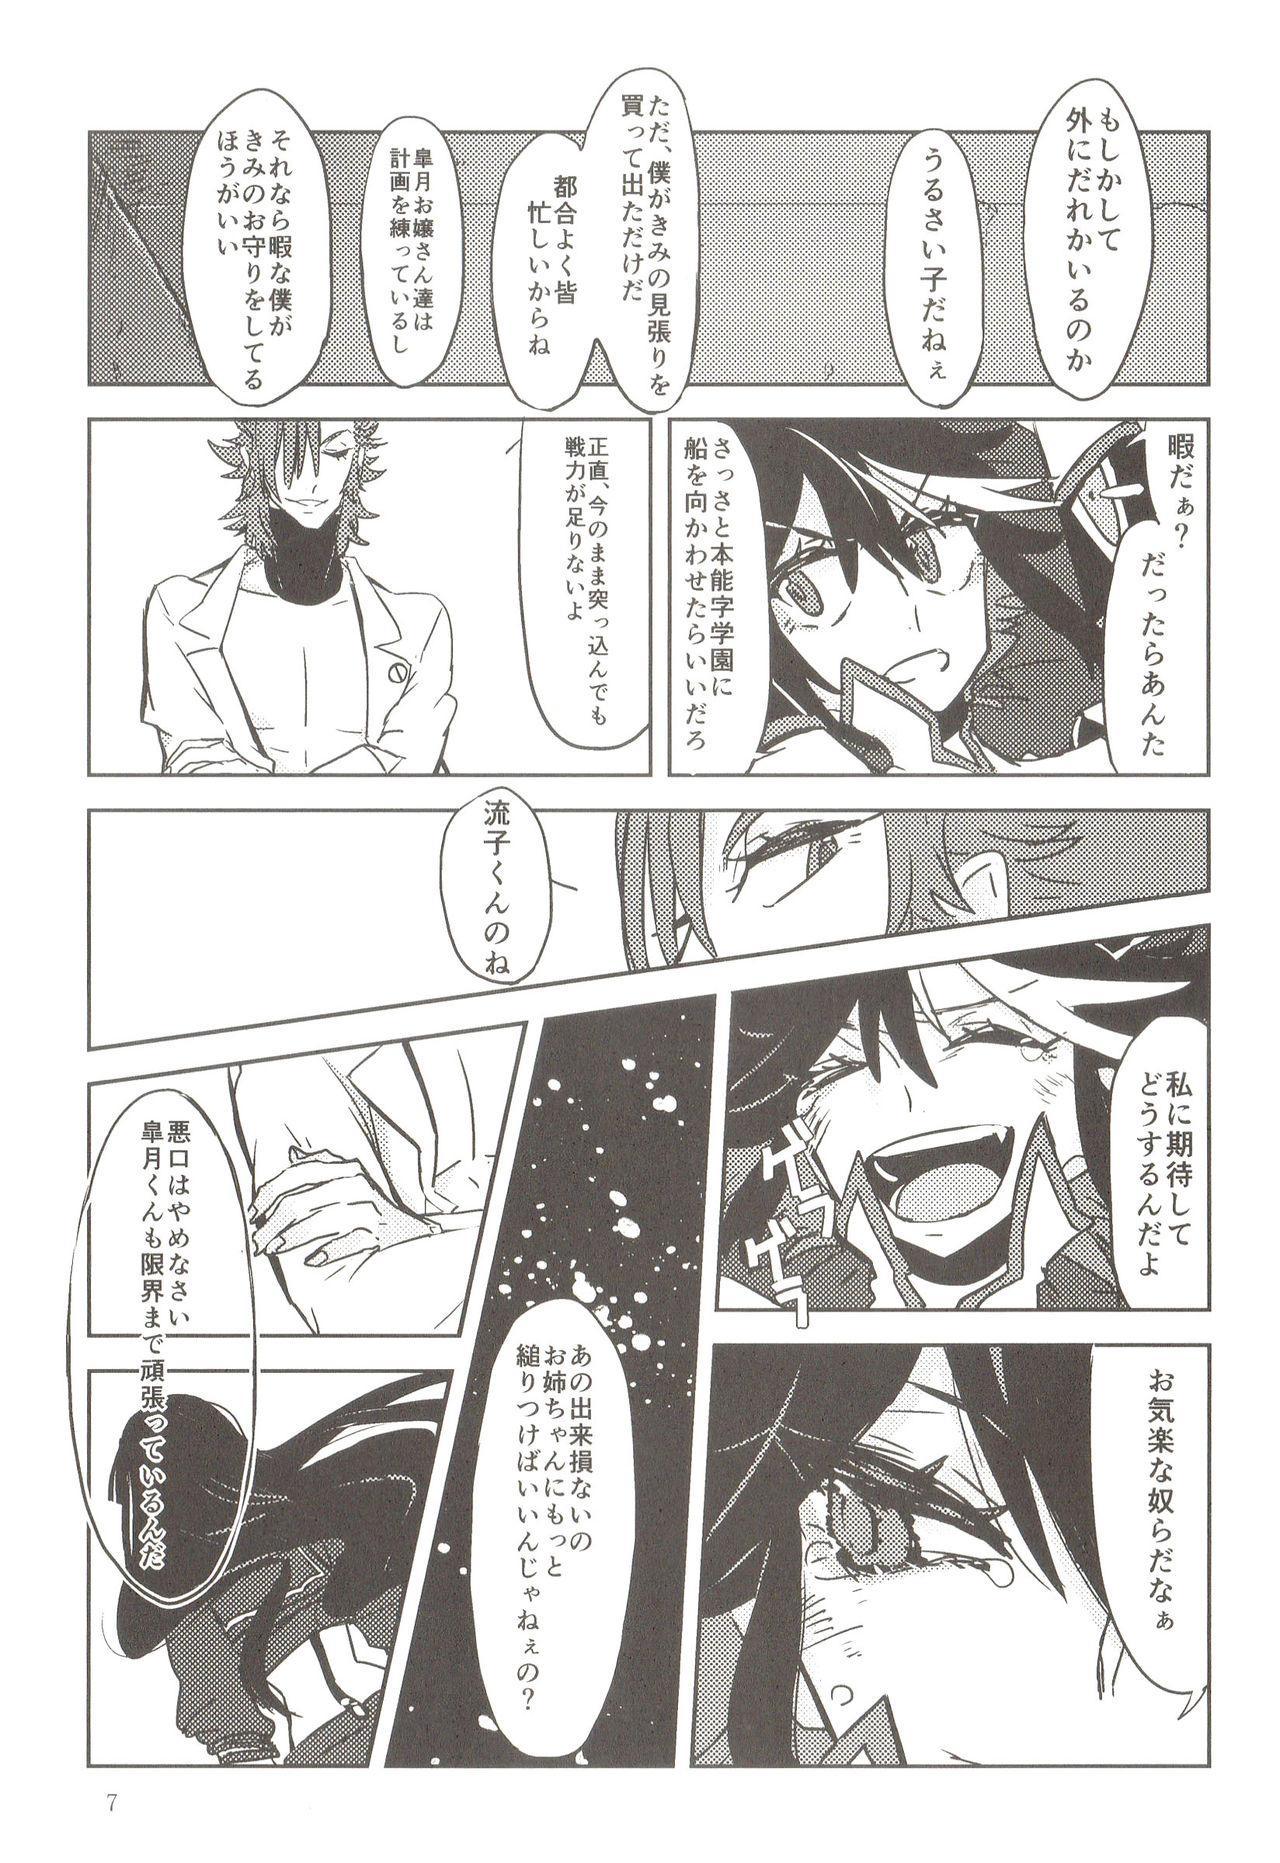 Doku o Kurawaba, 6